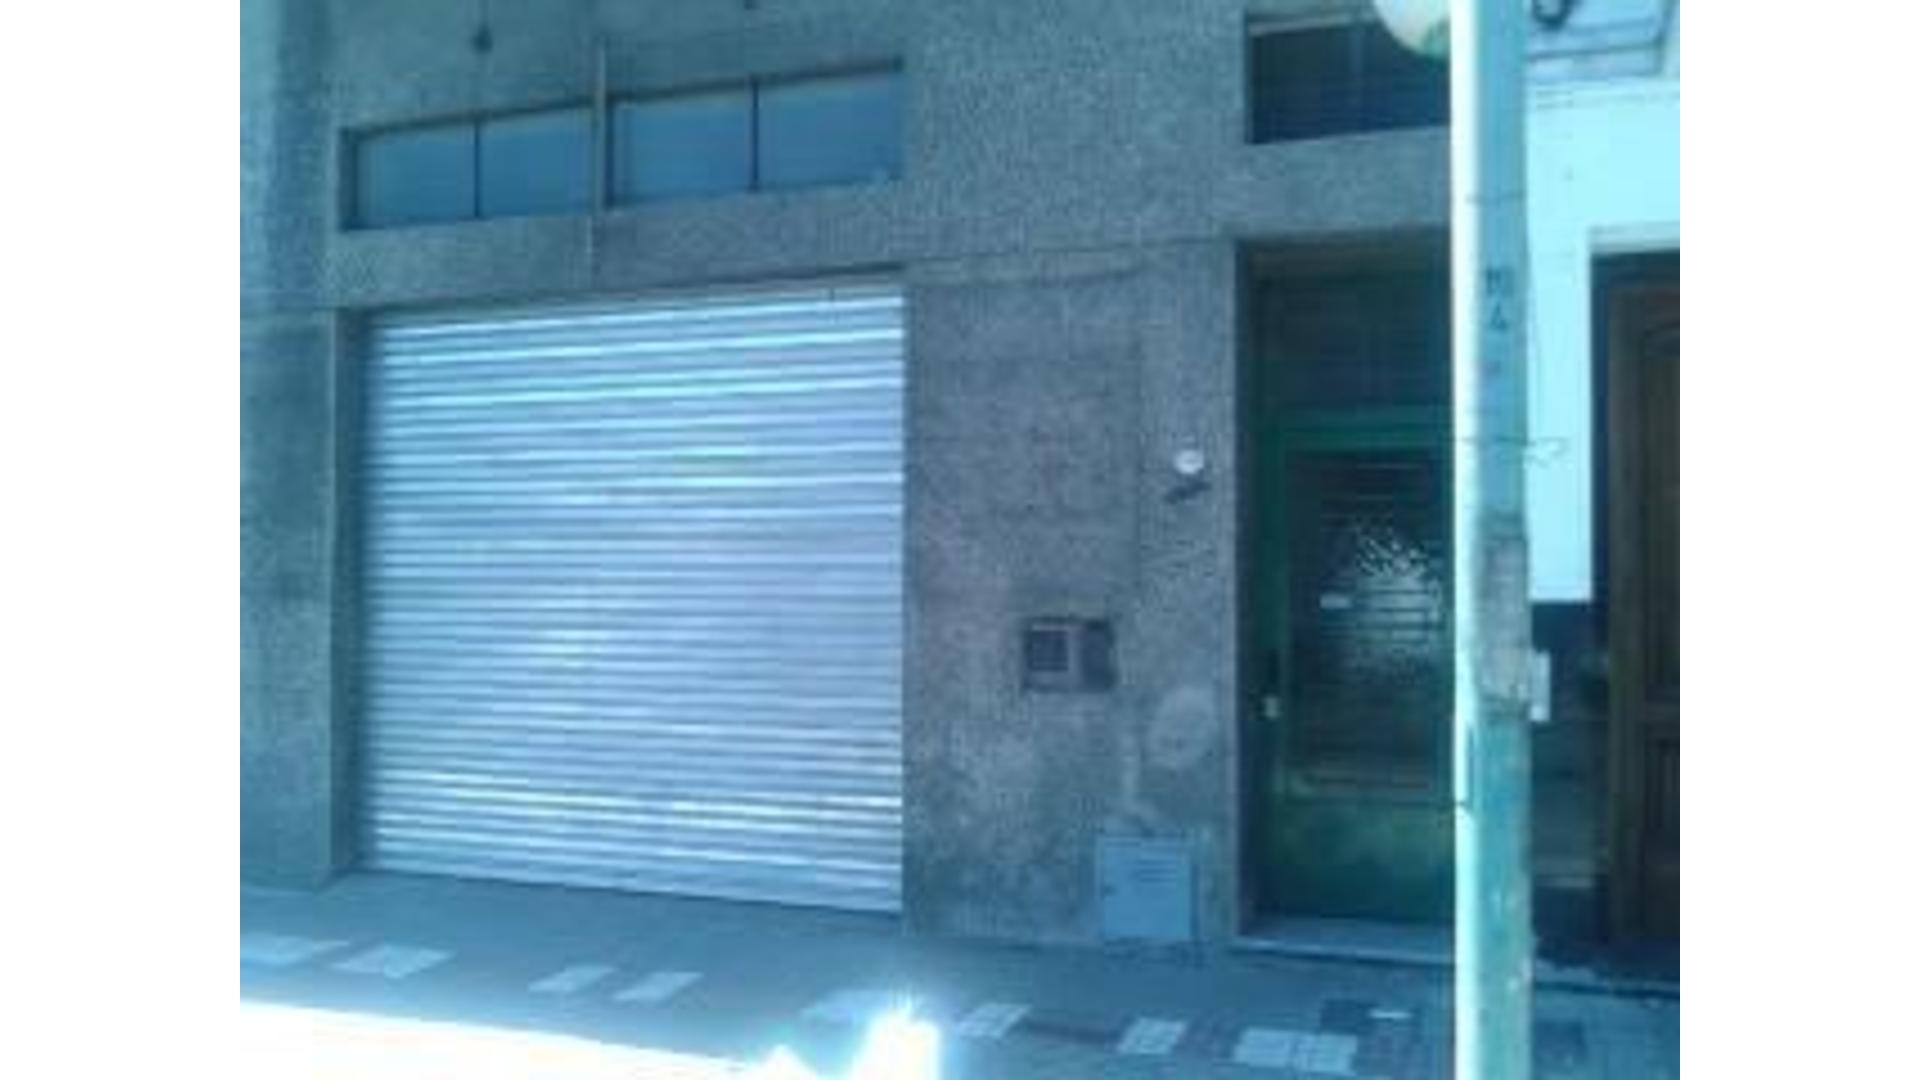 Industria / Galpon en Barracas Excelente Zona por accesos a media cuadra autopista 9 de julio